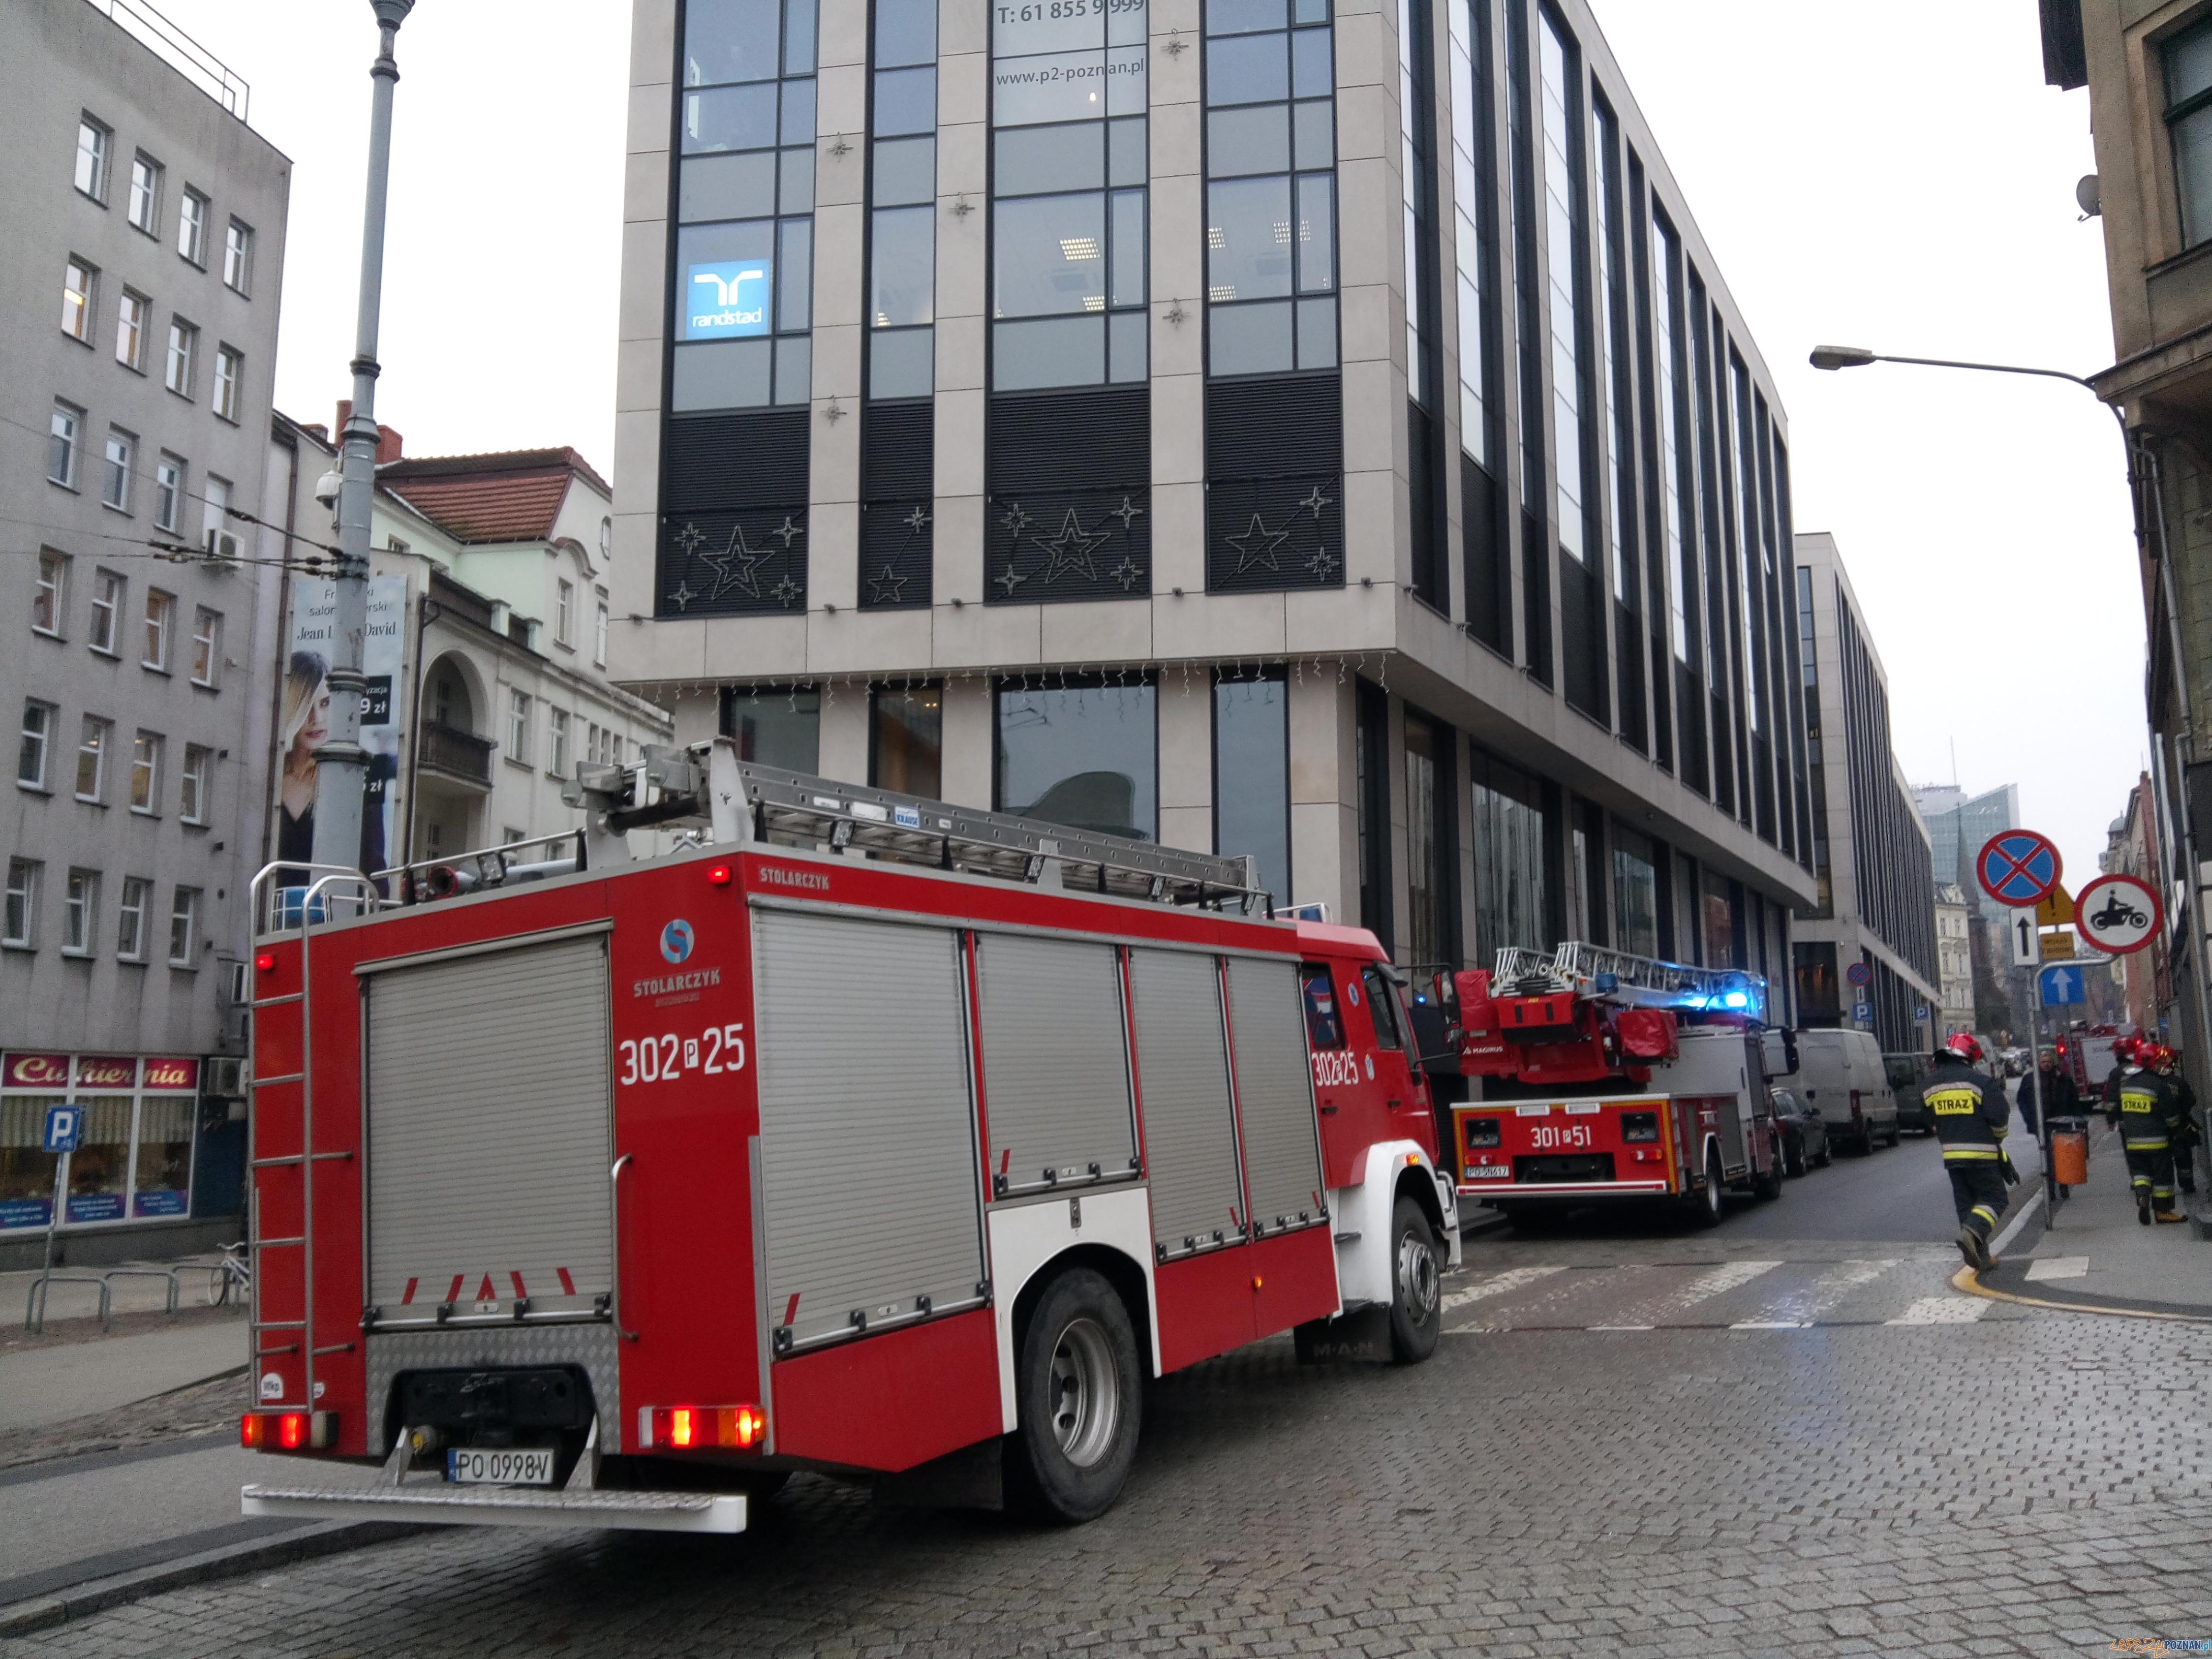 Strażacy gotowi do akcji  Foto: lepszyPOZNAN / gsm